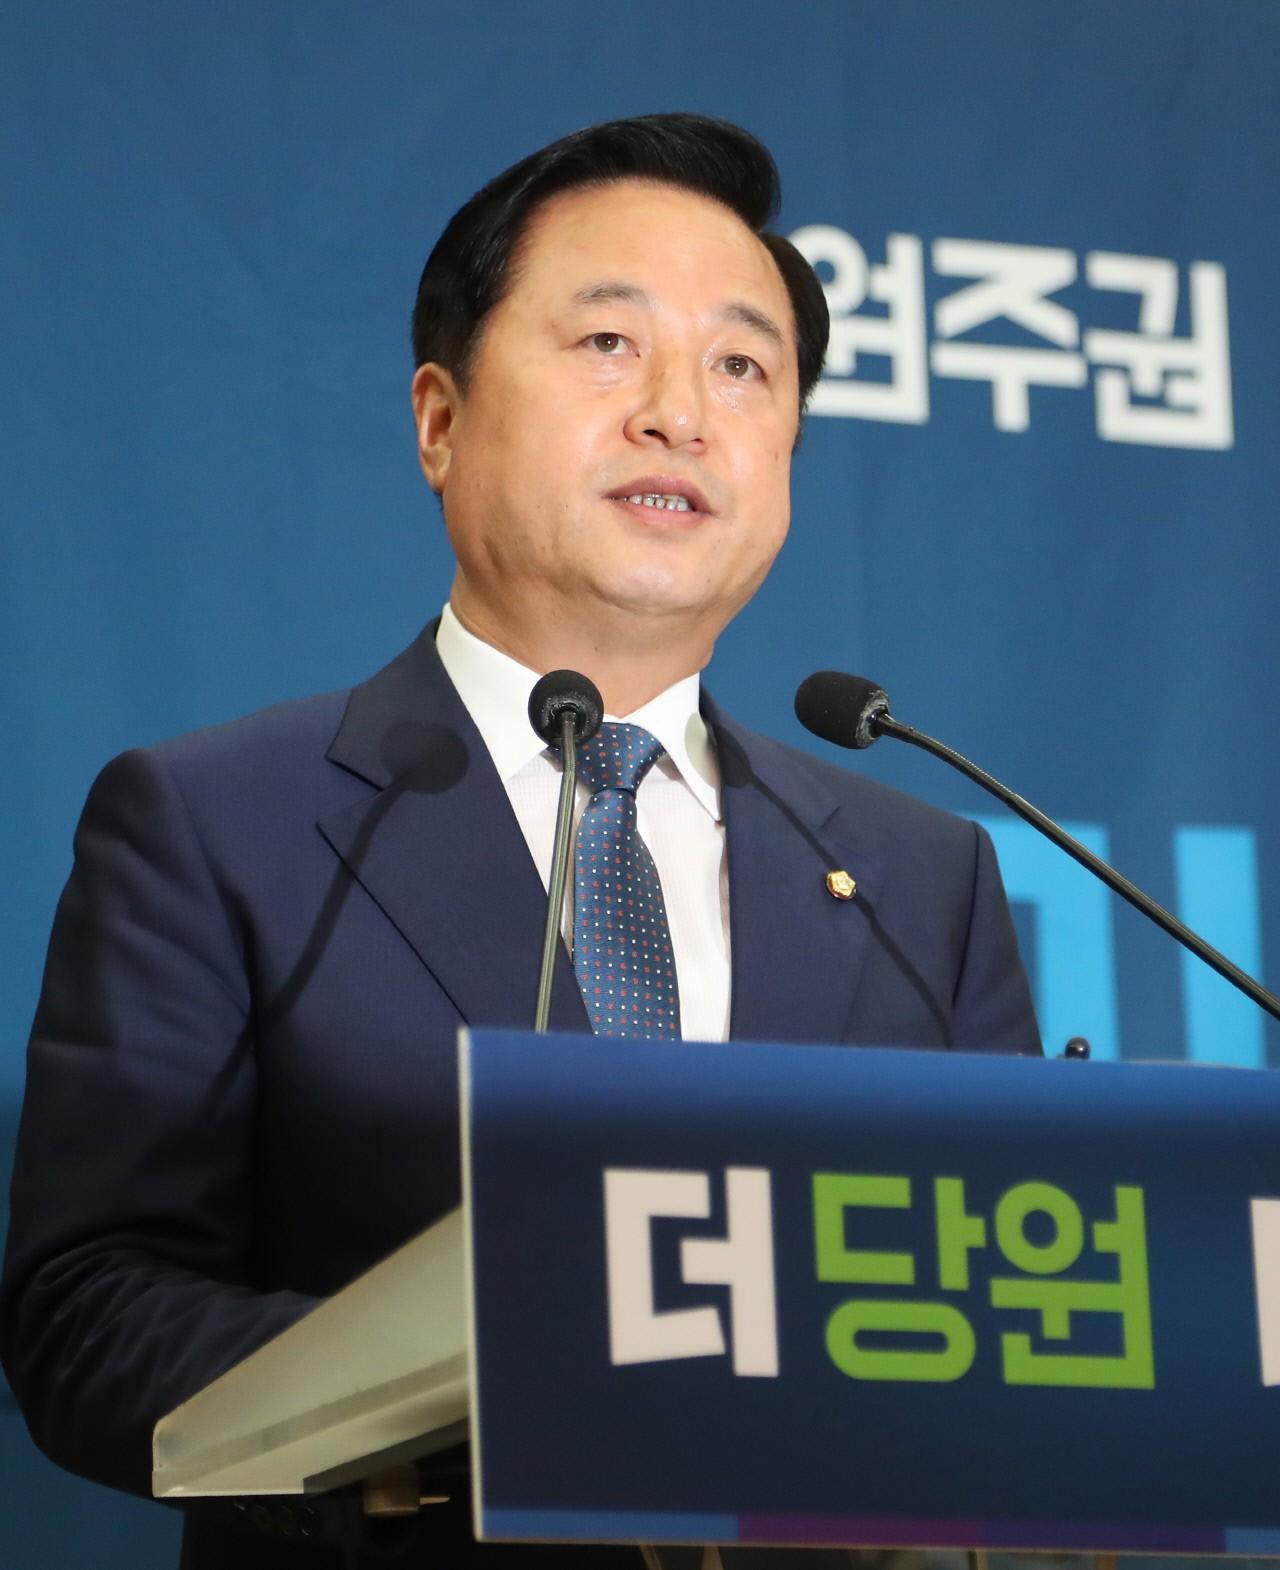 """김두관 """"제 정치적 미래 1%도 생각 않겠다"""" 당대표 출마 선언"""